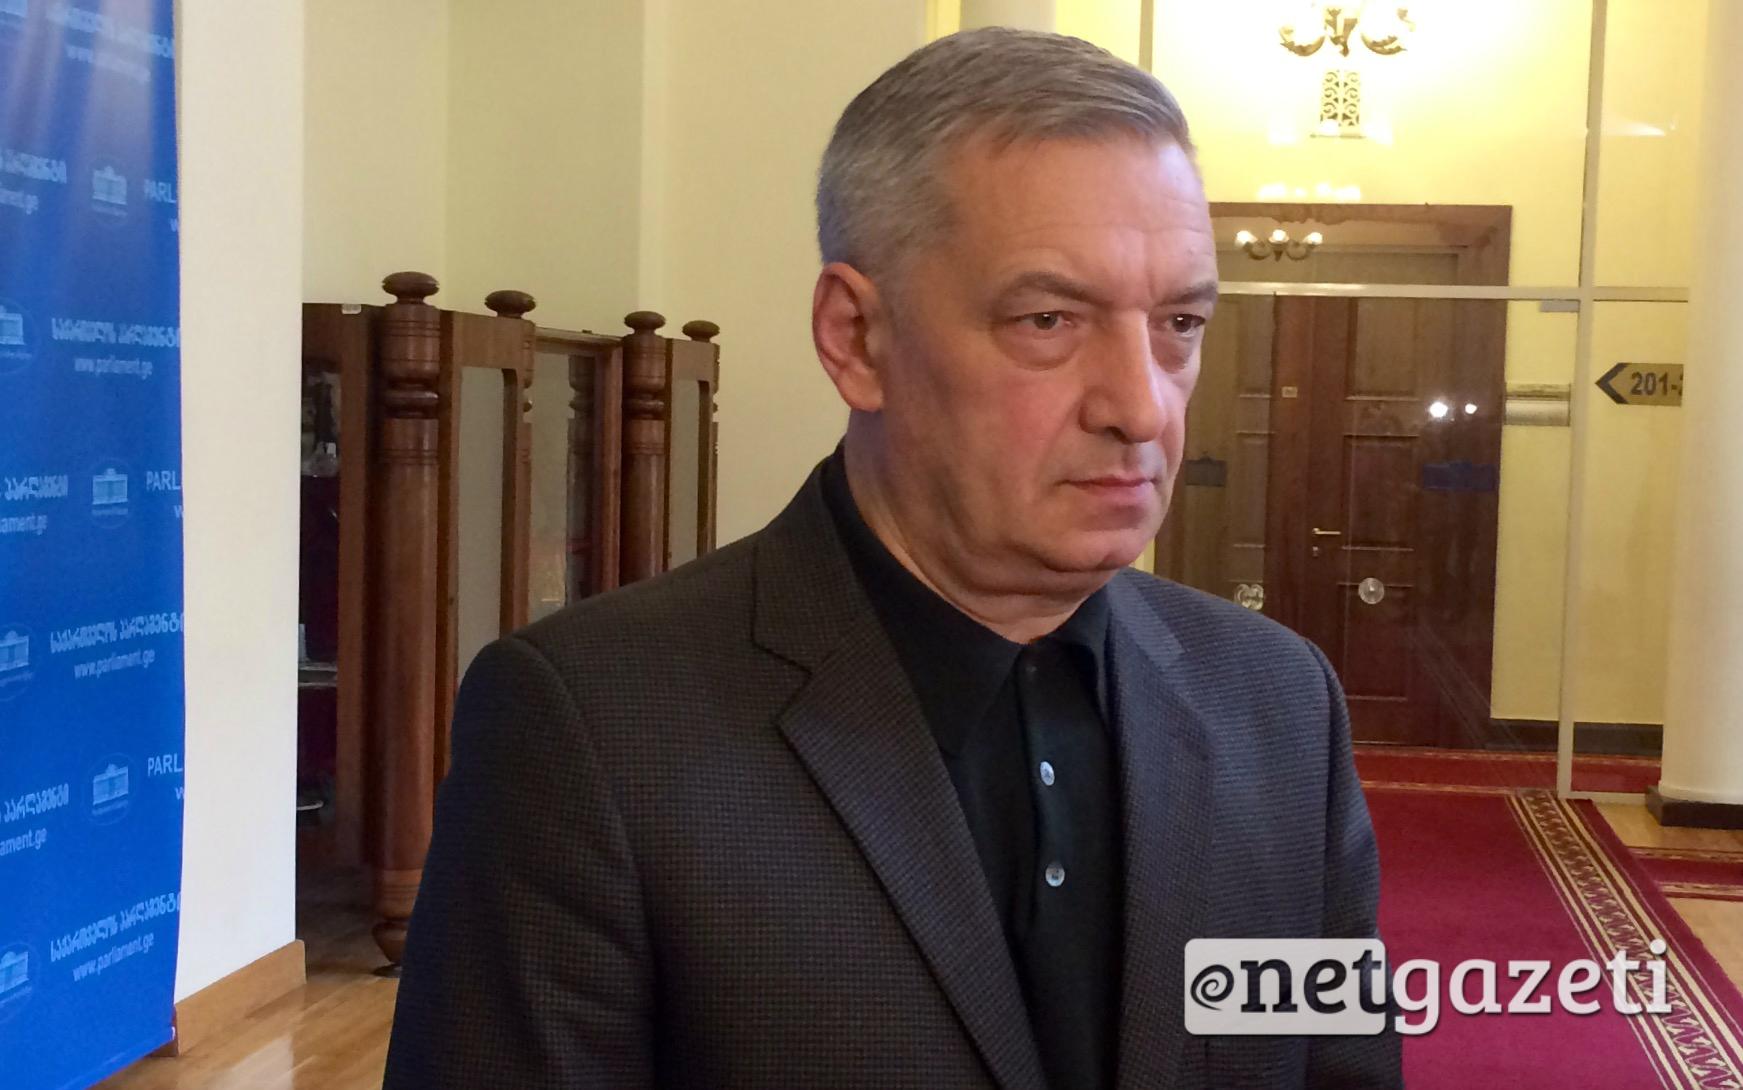 """ვოლსკი: ხანძრების სერია ცხინვალის რეგიონში """"ანტისახანძრო ხნულების"""" გავლების შემდეგ დაიწყო"""